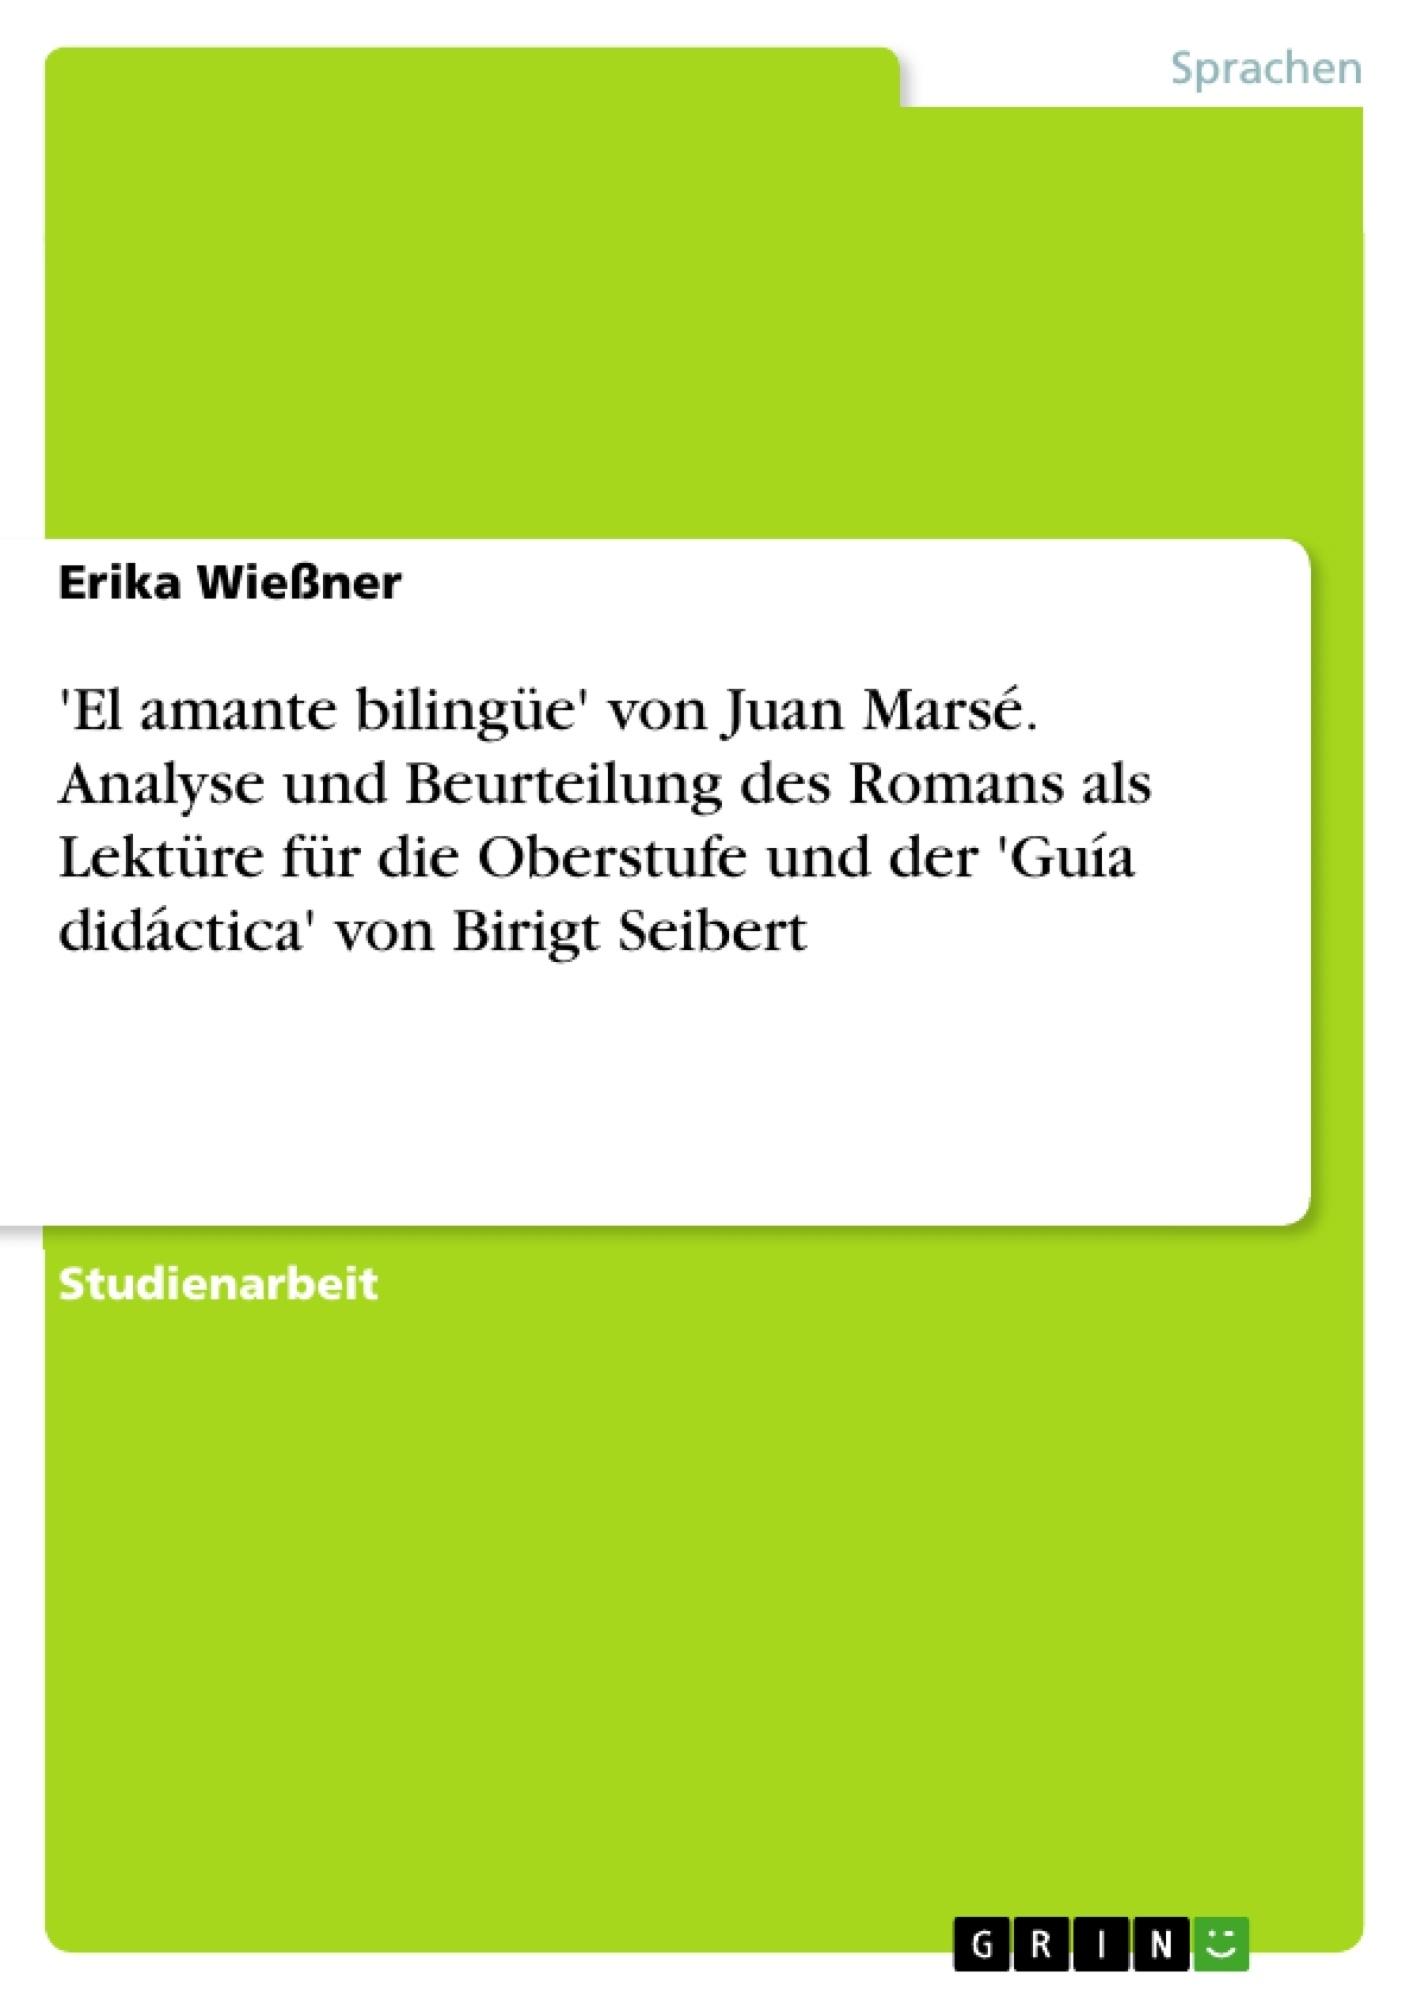 Titel: 'El amante bilingüe' von Juan Marsé. Analyse und Beurteilung des Romans als Lektüre für die Oberstufe und der 'Guía didáctica' von Birigt Seibert